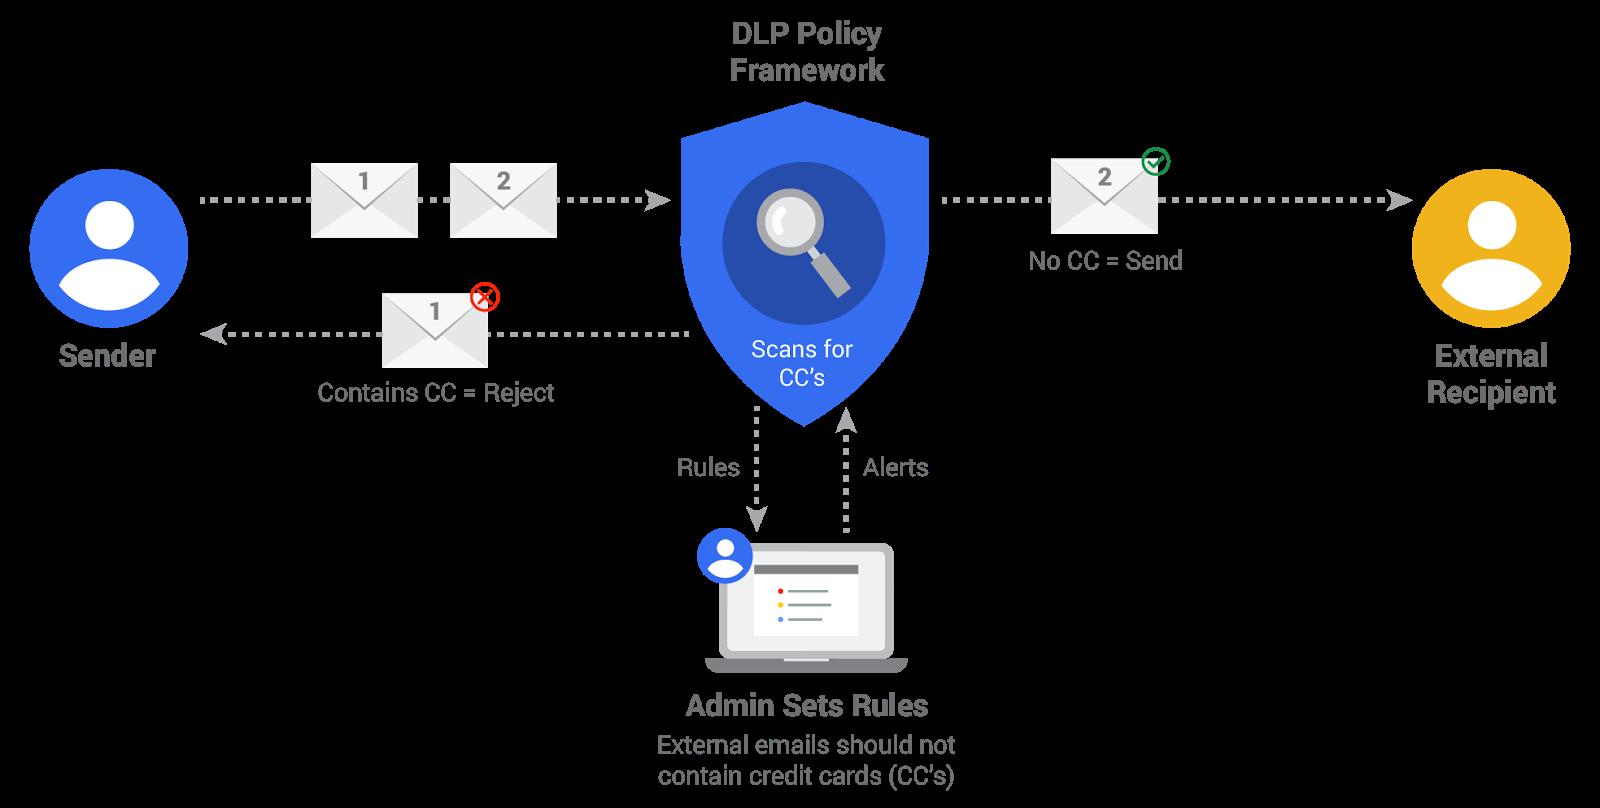 Tutustuimme mitne googlen suojaus systeemi toimii